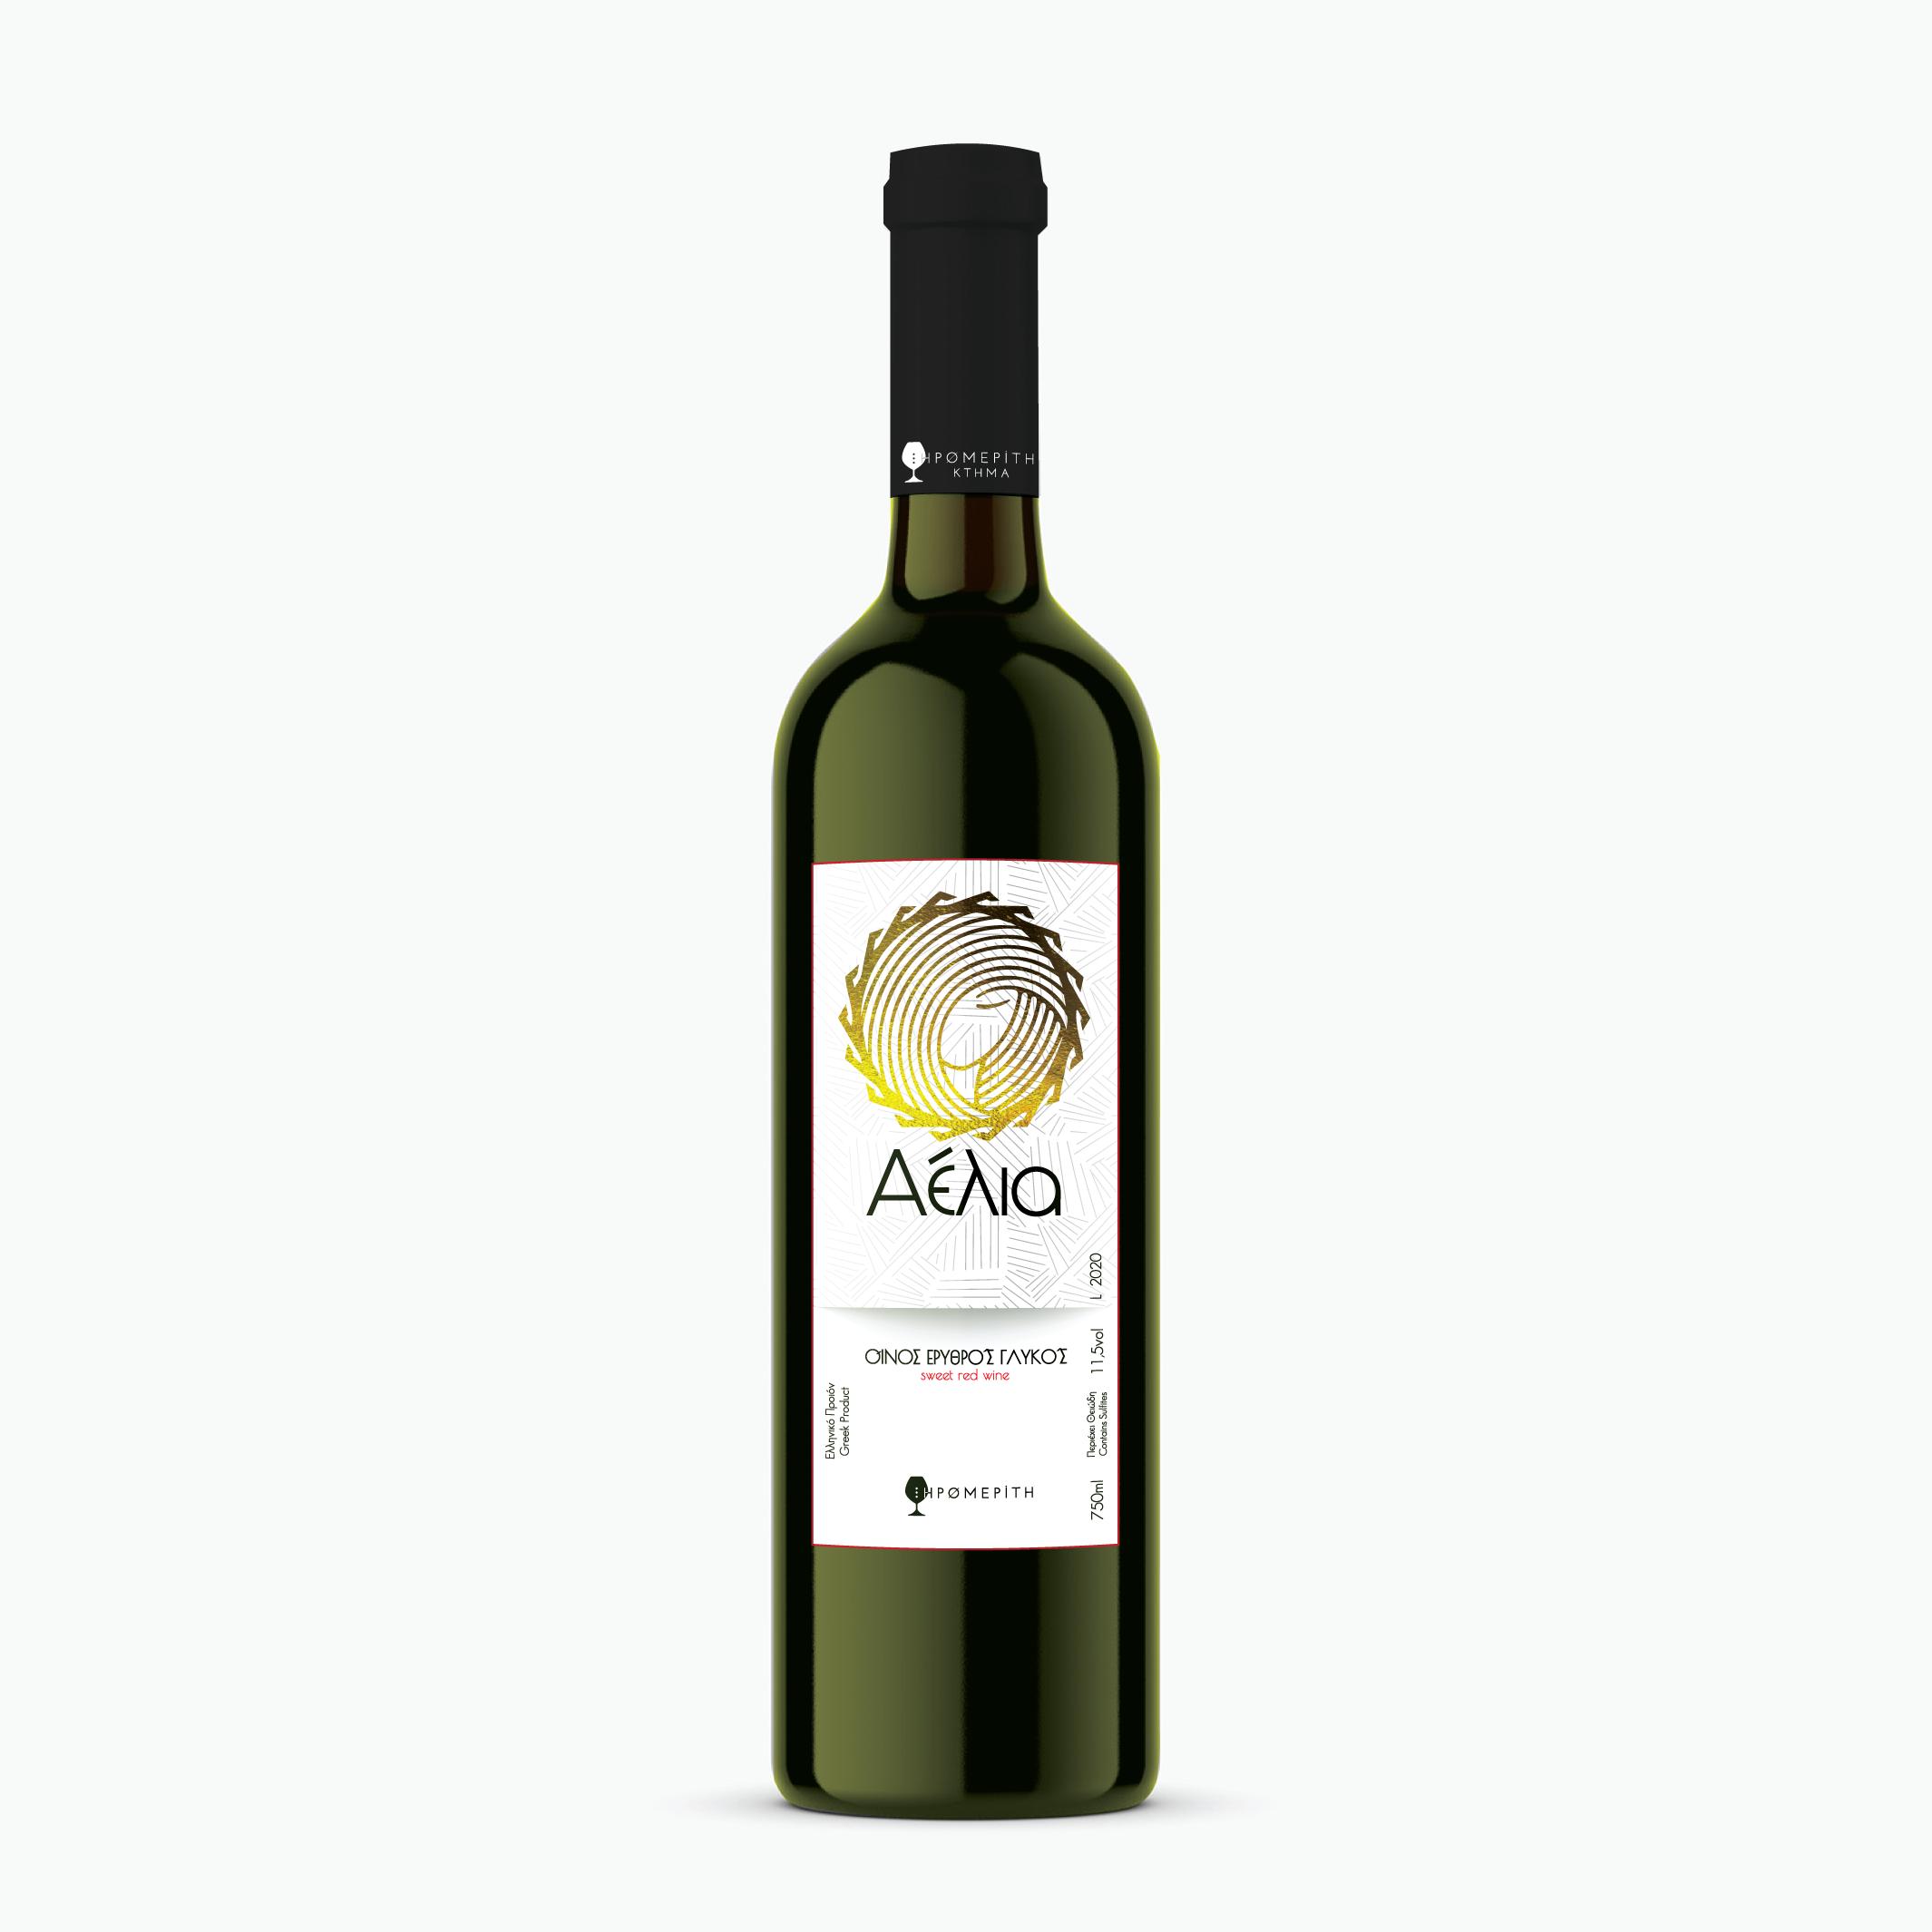 Ερυθρός Γλυκός Αέλια - Κτημα Ξηρομερίτη - Κρασί